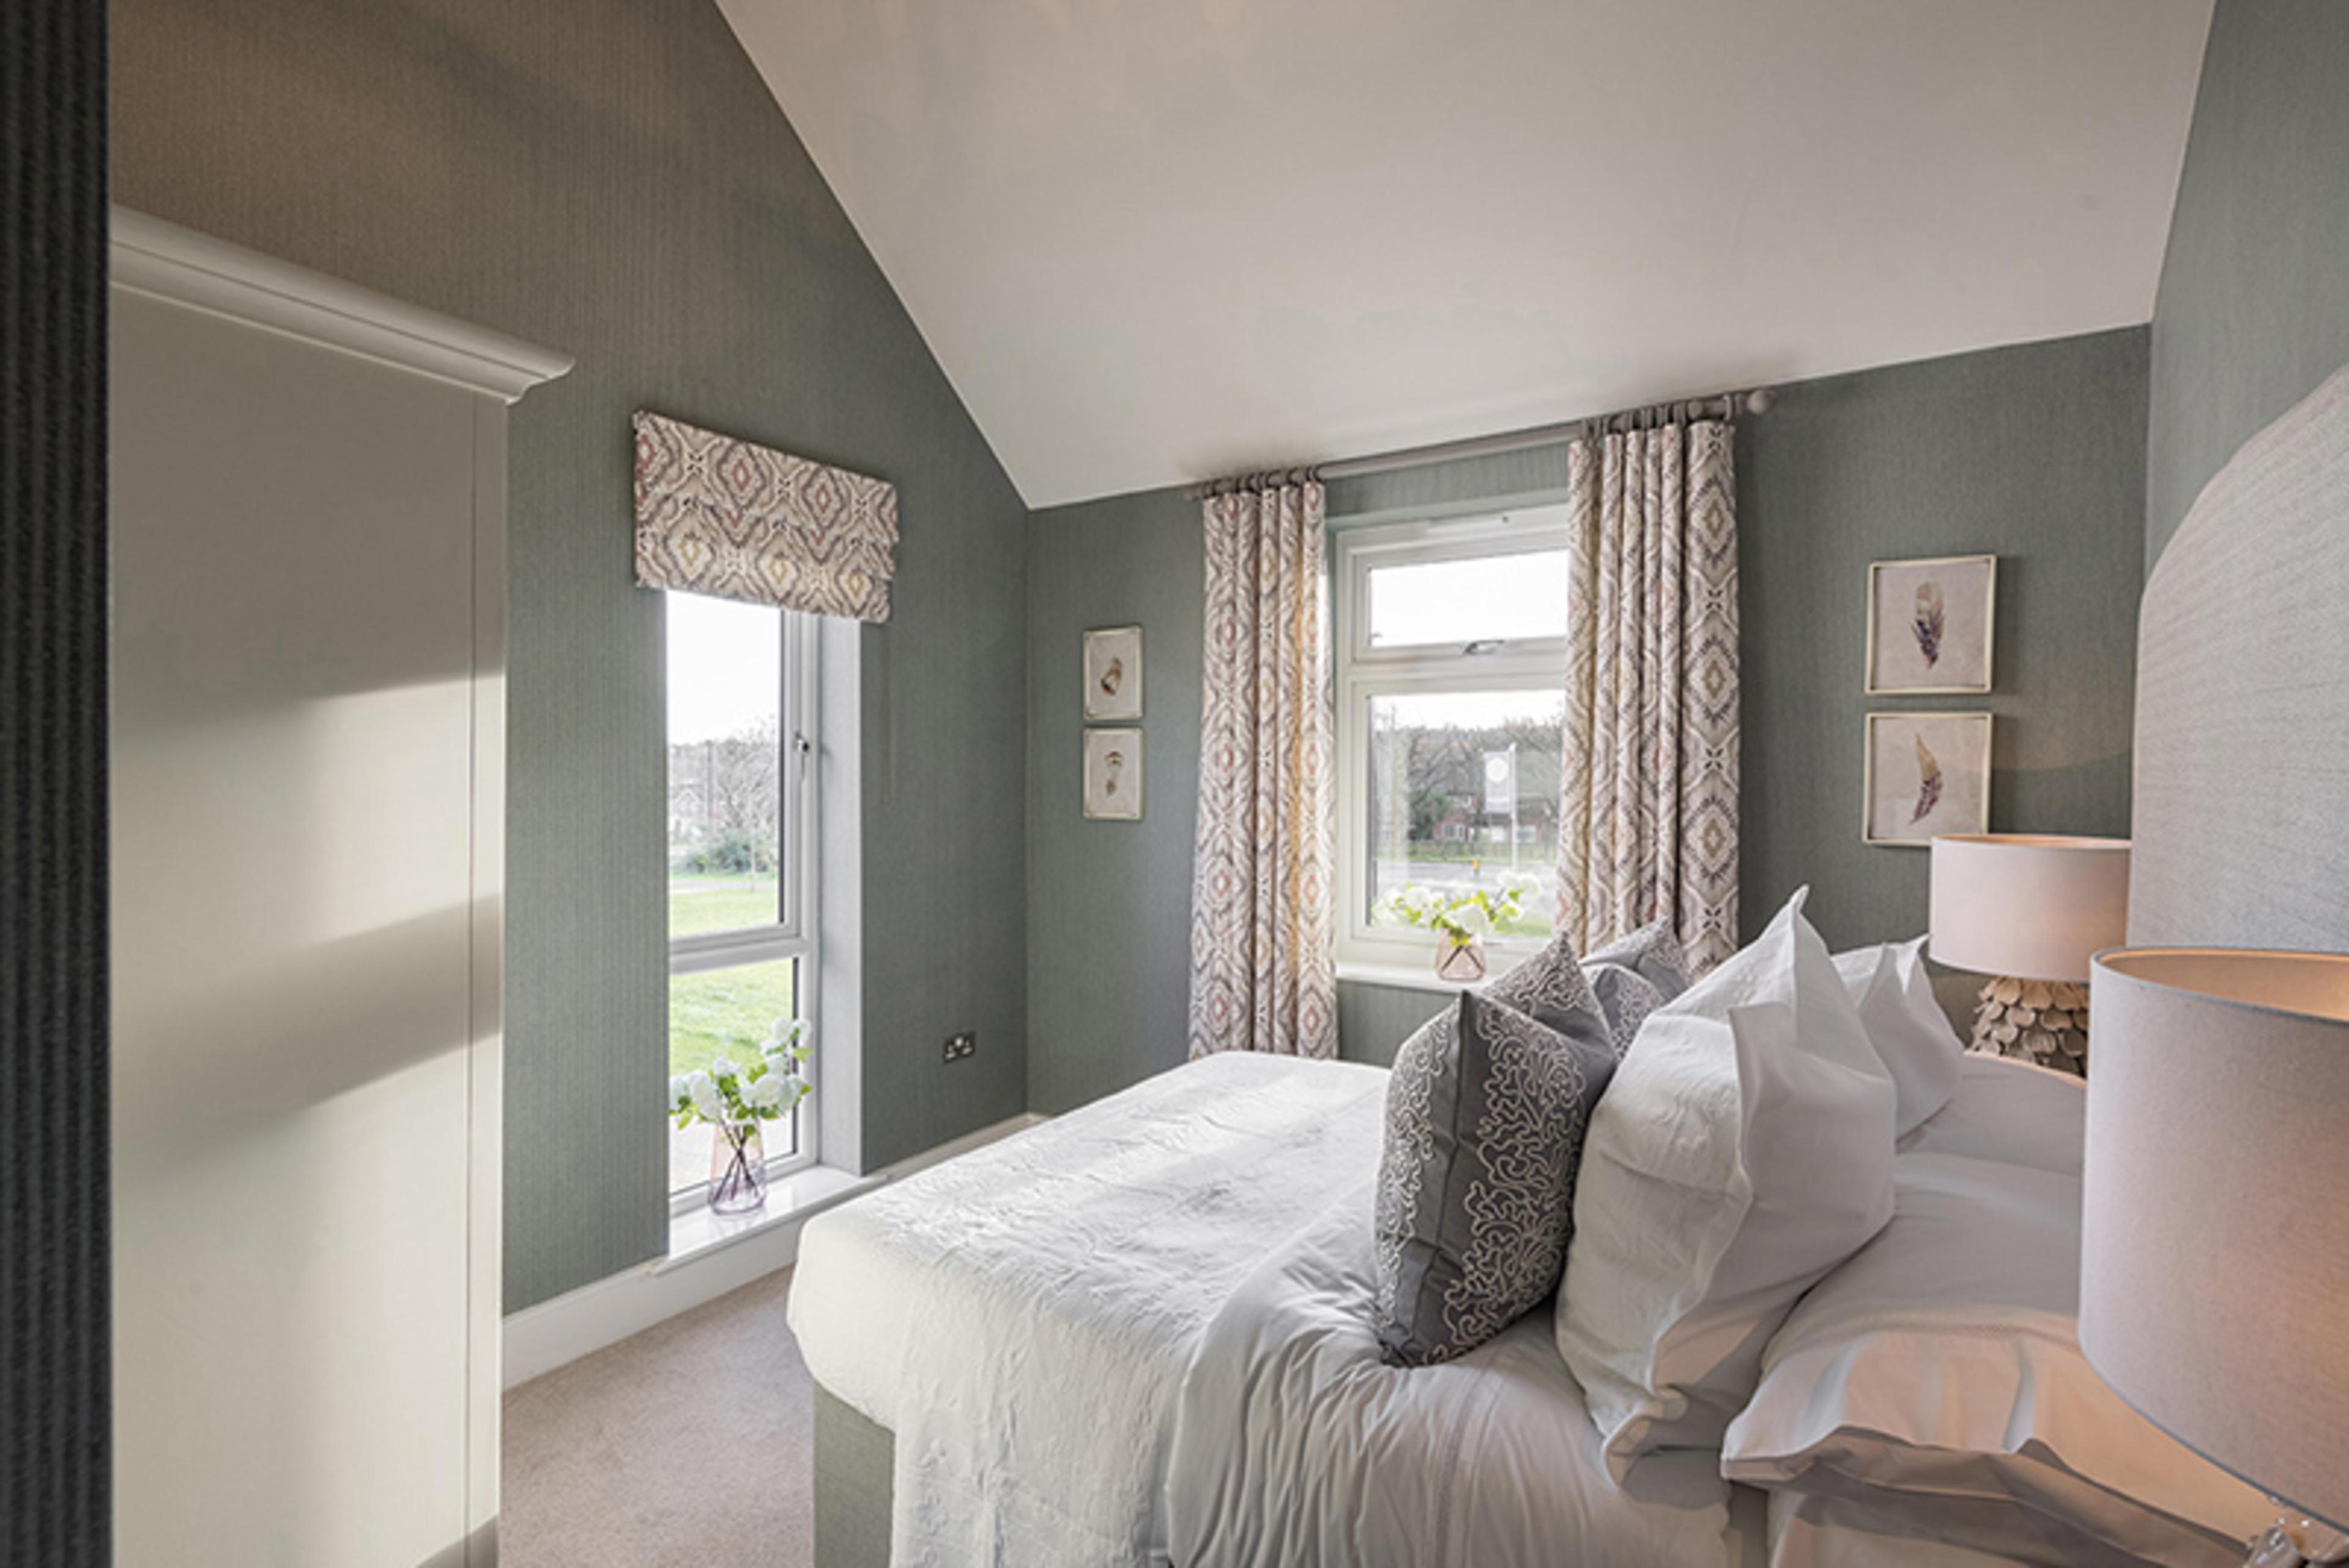 watling-grange-harrogate-calder-3-bed-home-double-bedroom-1